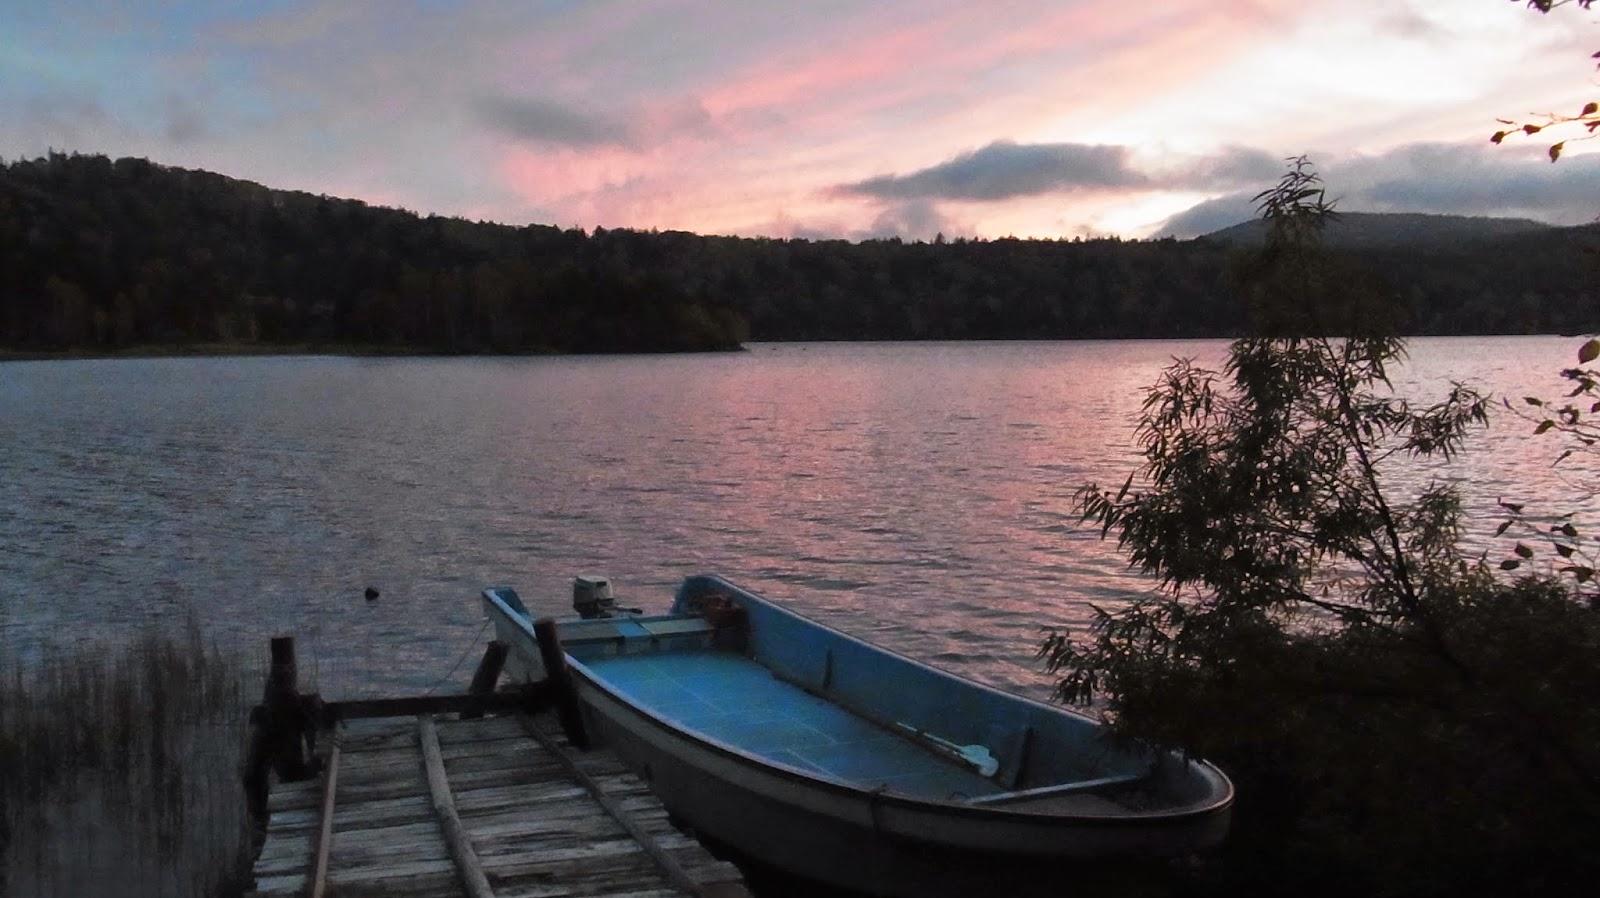 暮れなずむ尾瀬沼とボート